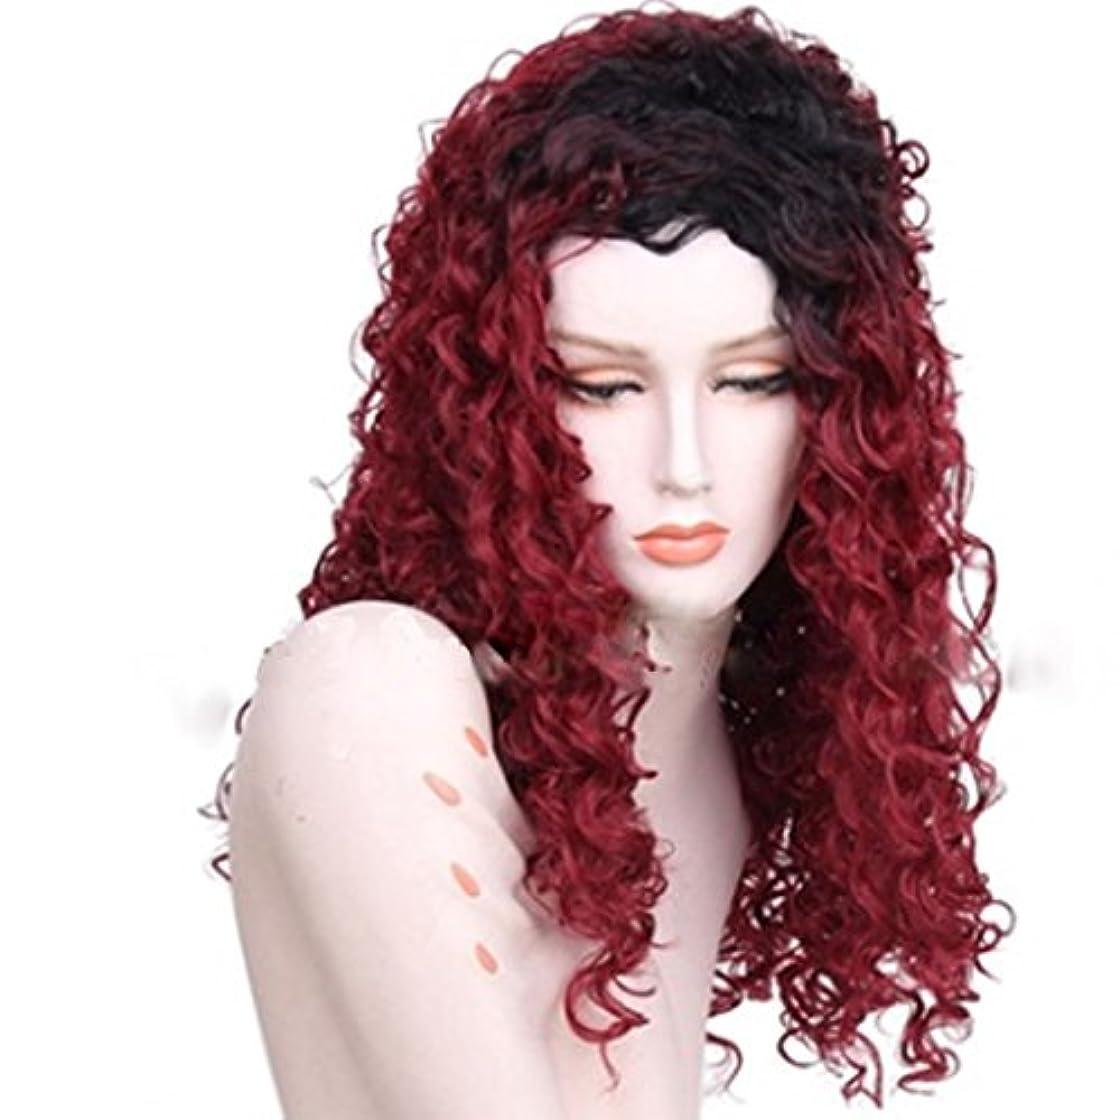 伝説を除く忠実なDoyvanntgo 60cm合成繊維かつら小カーリーフェイスタイプカーリーヘア260g (Color : Wine red)